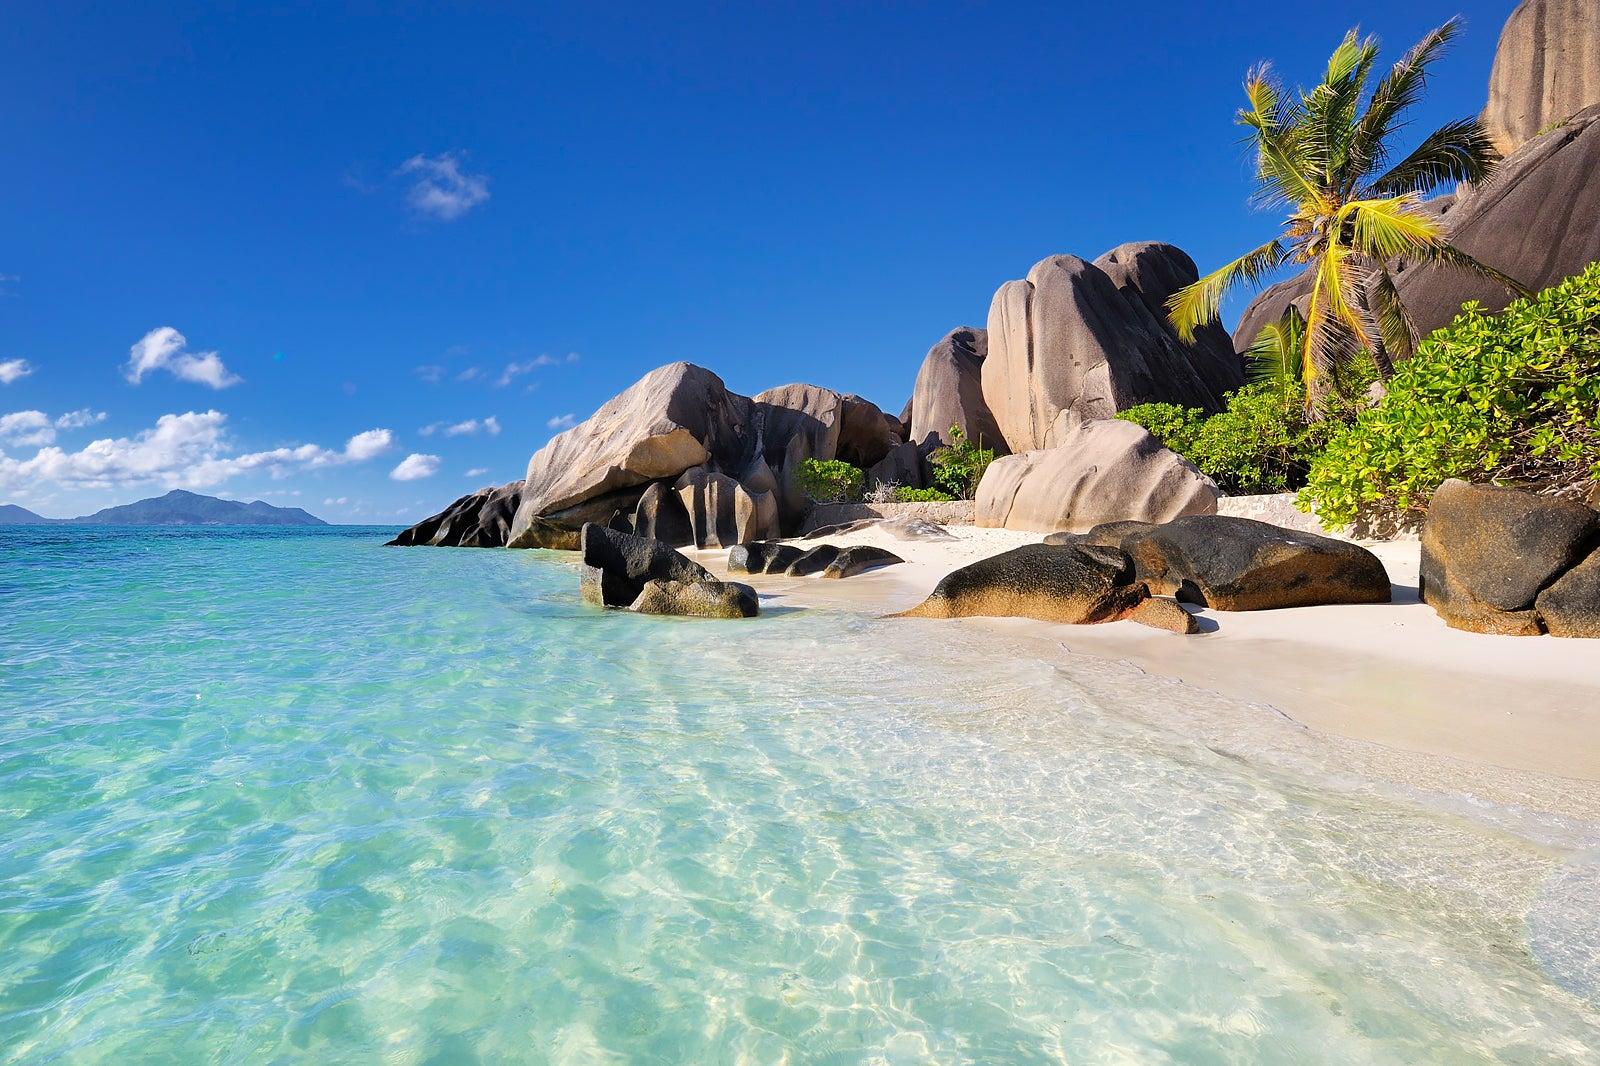 племена фото сейшелы пляж сооружения